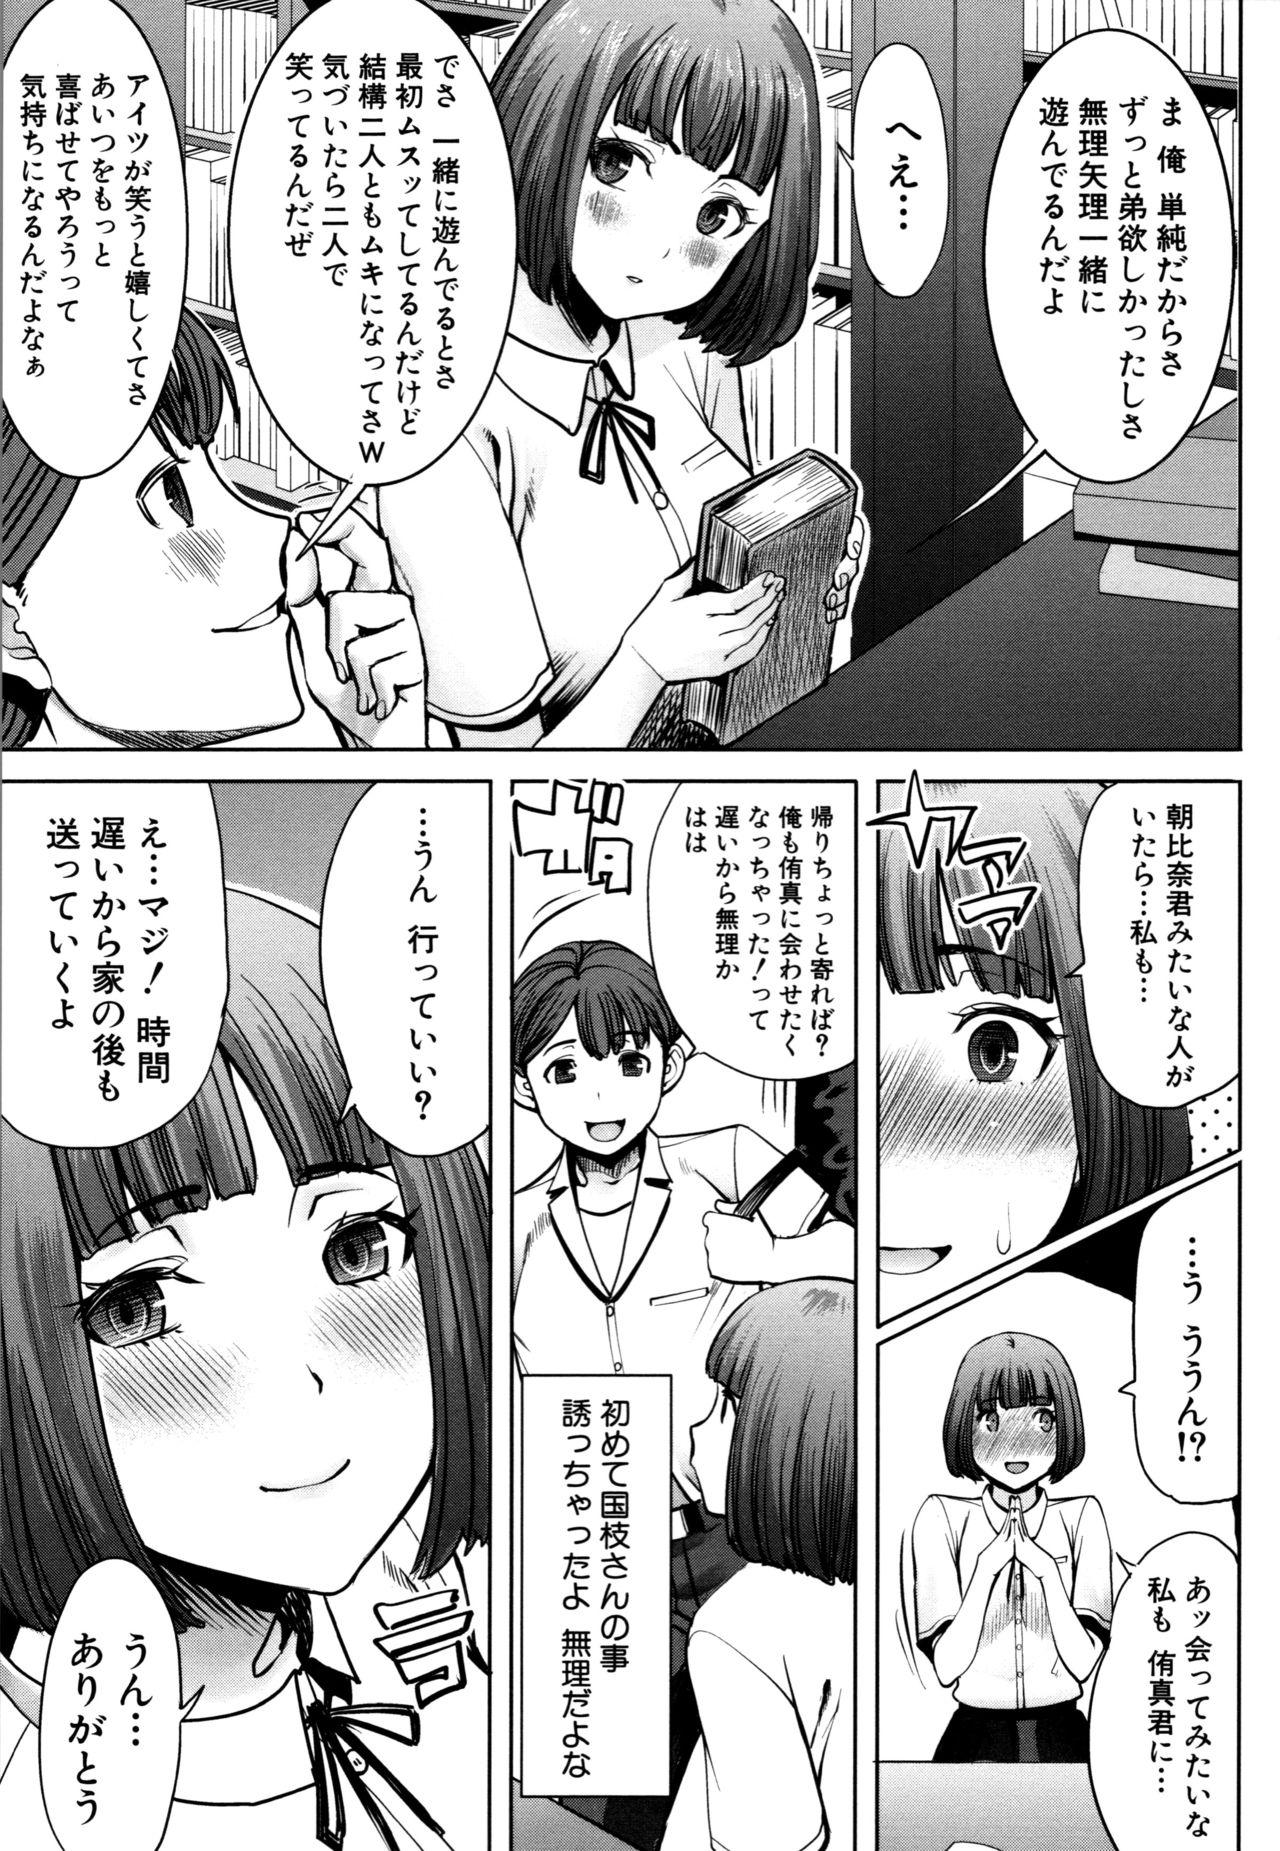 Unsweet - Asahina Ikka Netorareta Haha · Tomoko 68